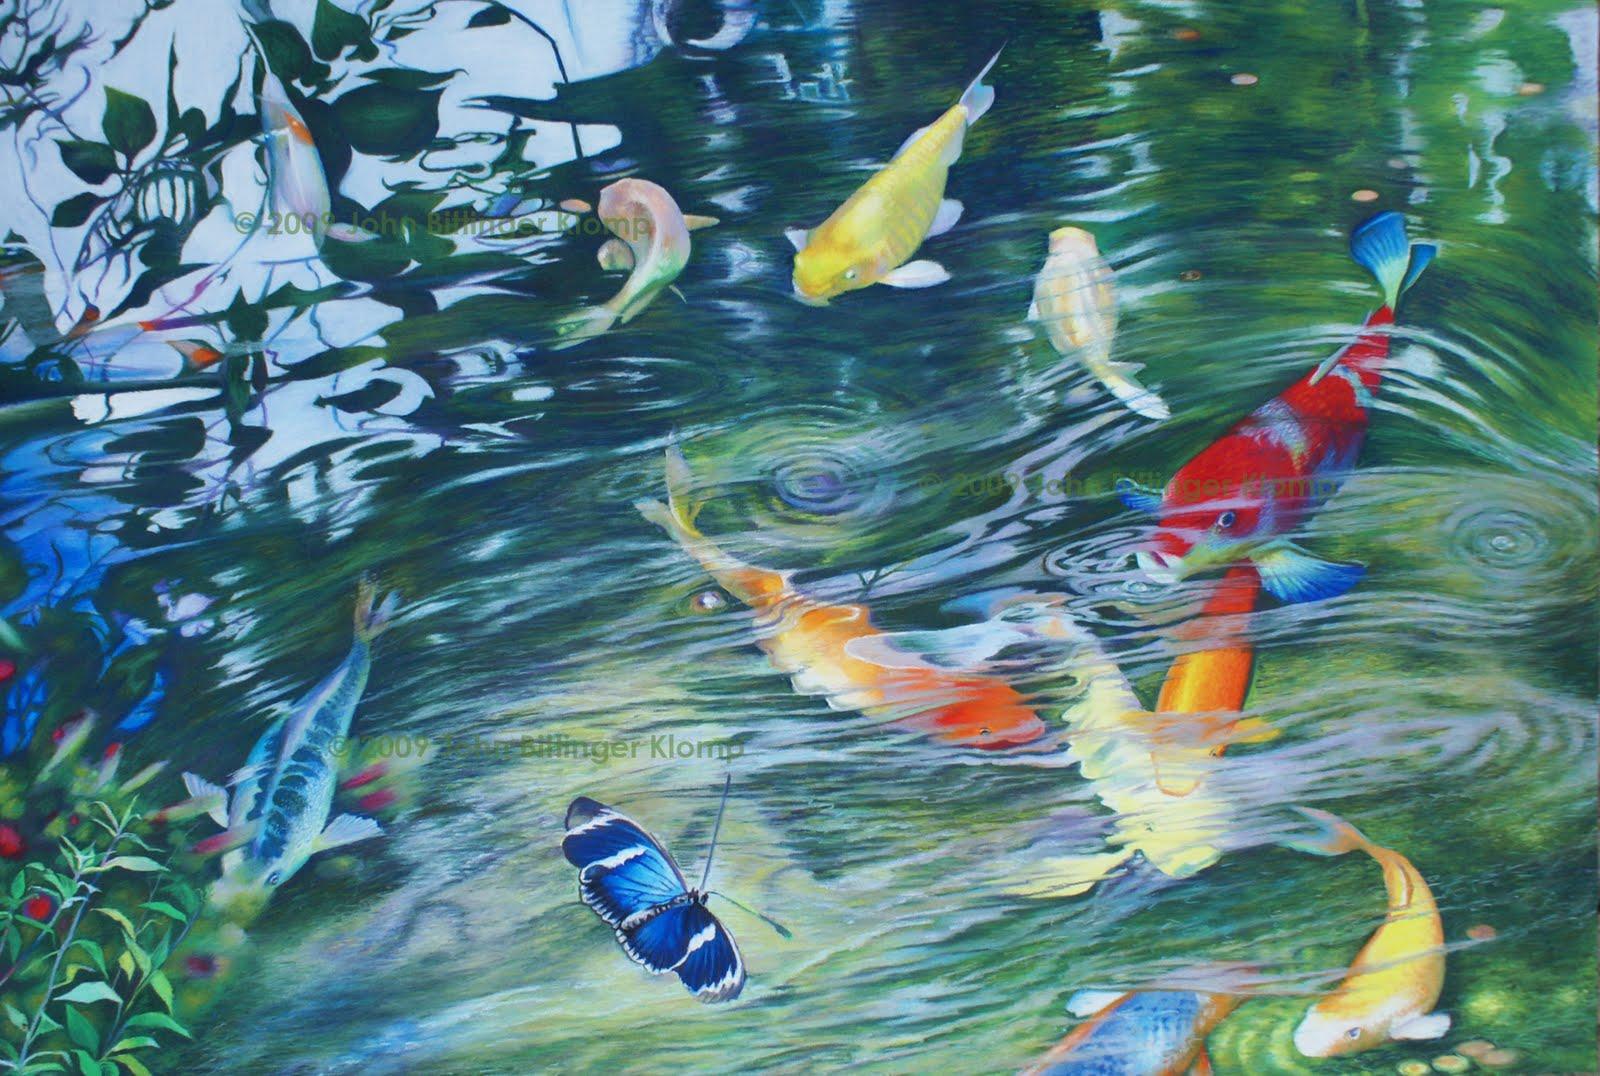 The art of john bittinger klomp koi pond 2 for Koi pond art